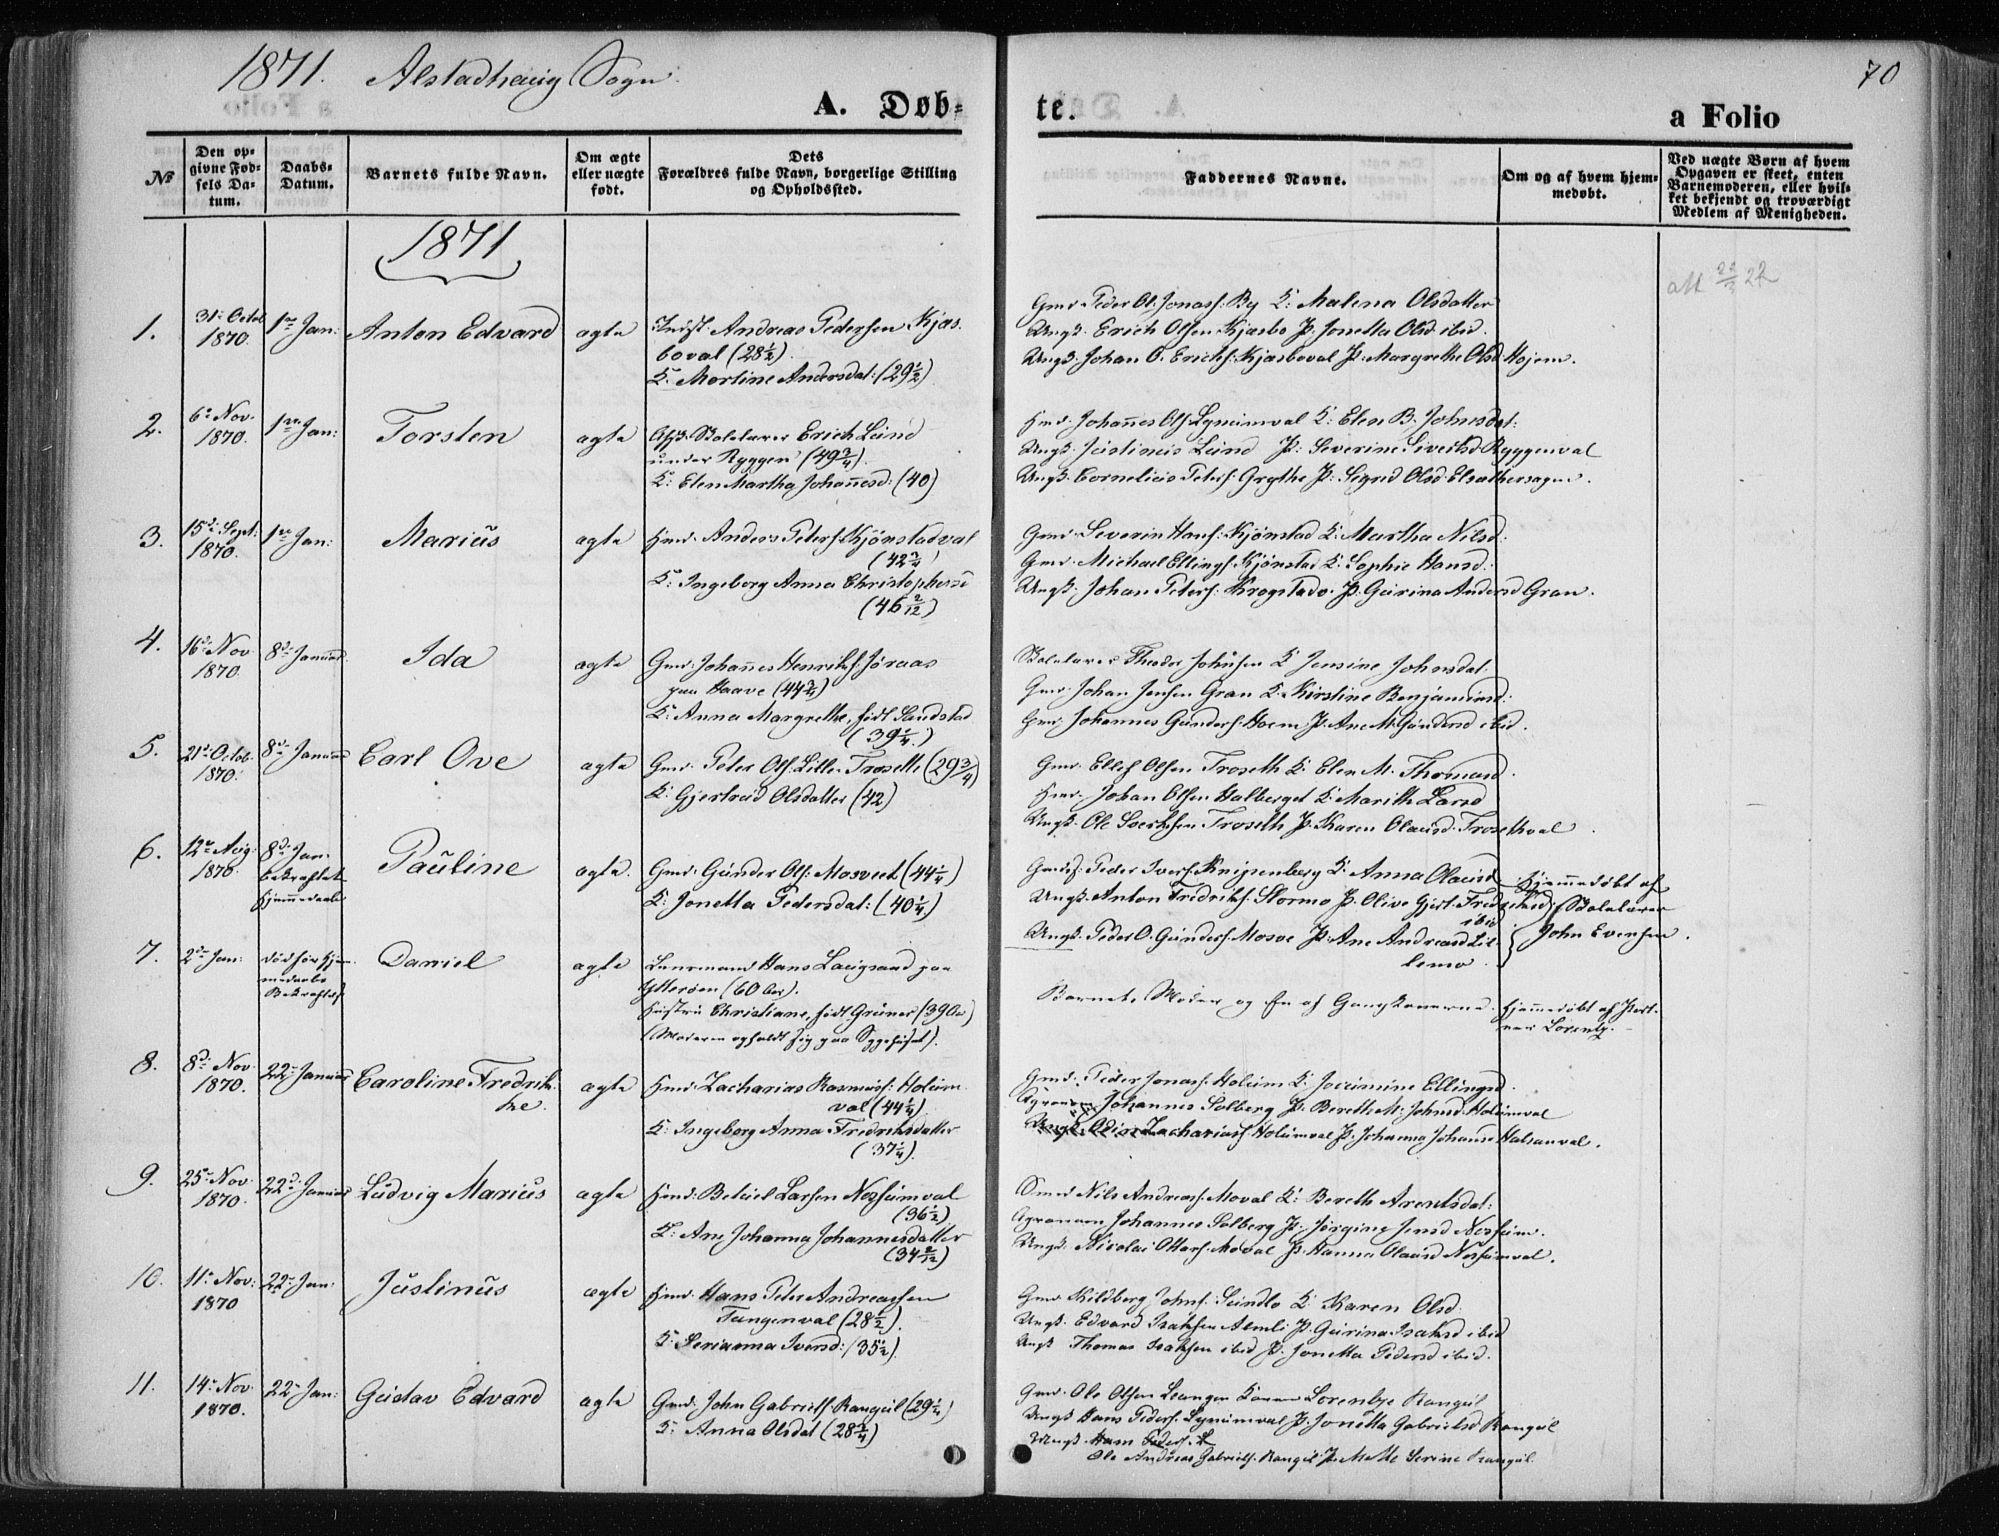 SAT, Ministerialprotokoller, klokkerbøker og fødselsregistre - Nord-Trøndelag, 717/L0157: Ministerialbok nr. 717A08 /1, 1863-1877, s. 70